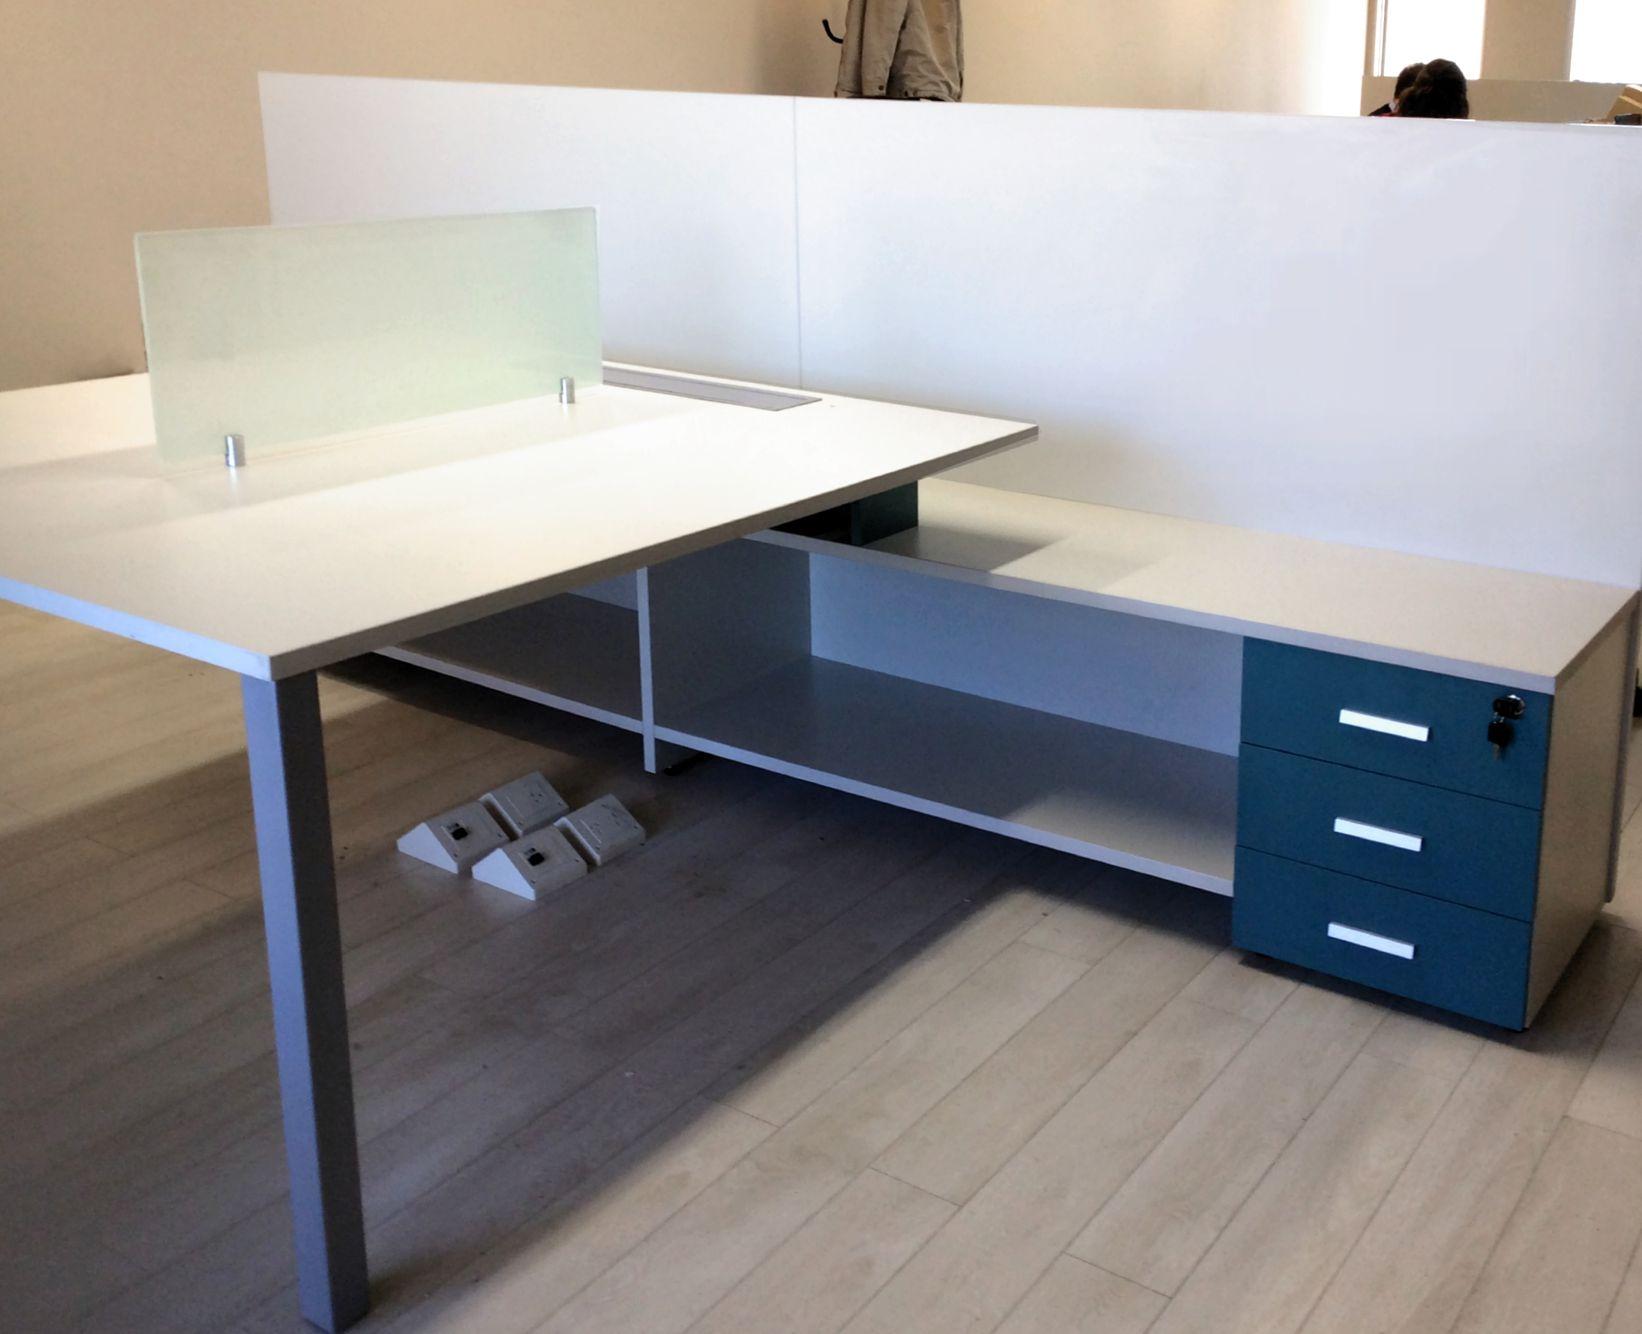 Productos ima muebles de oficina for Productos oficina